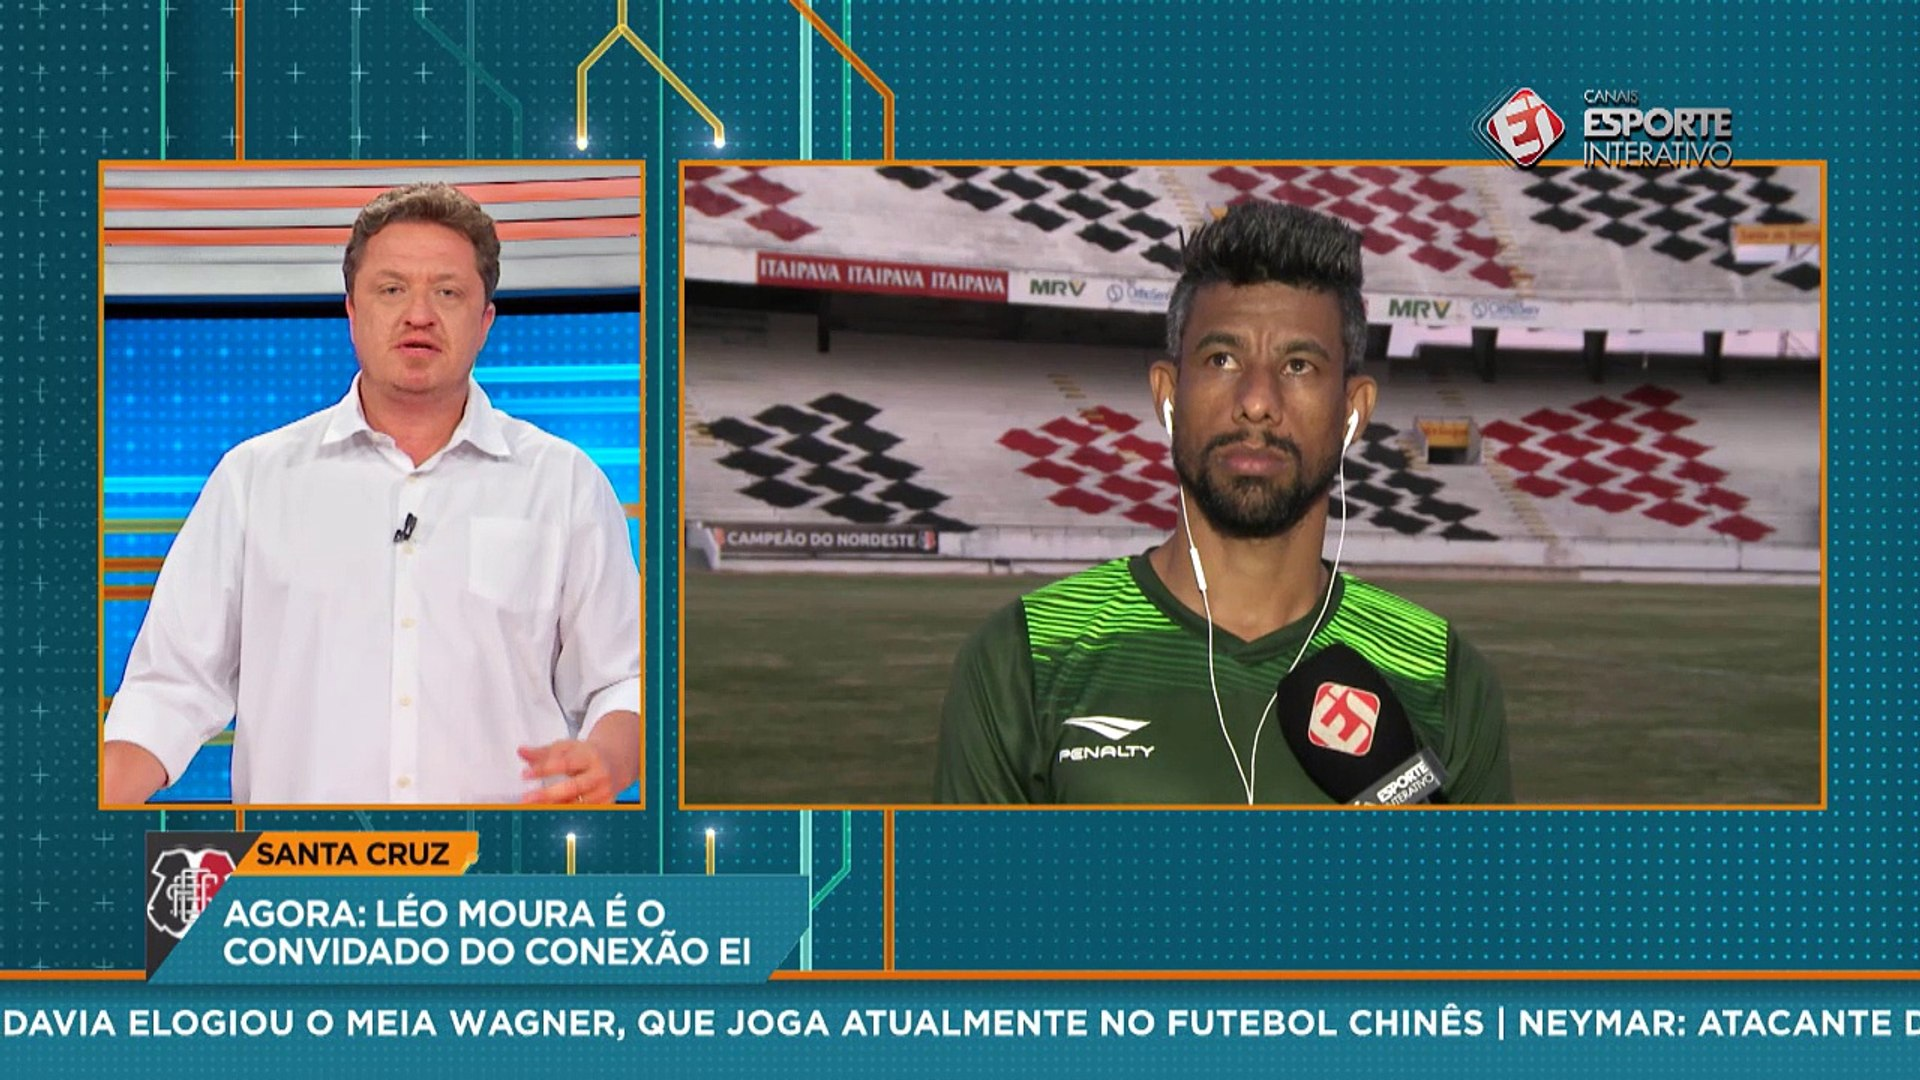 Léo Moura pensa que Flamengo ainda pode ser campeão: 'Nada é impossível'